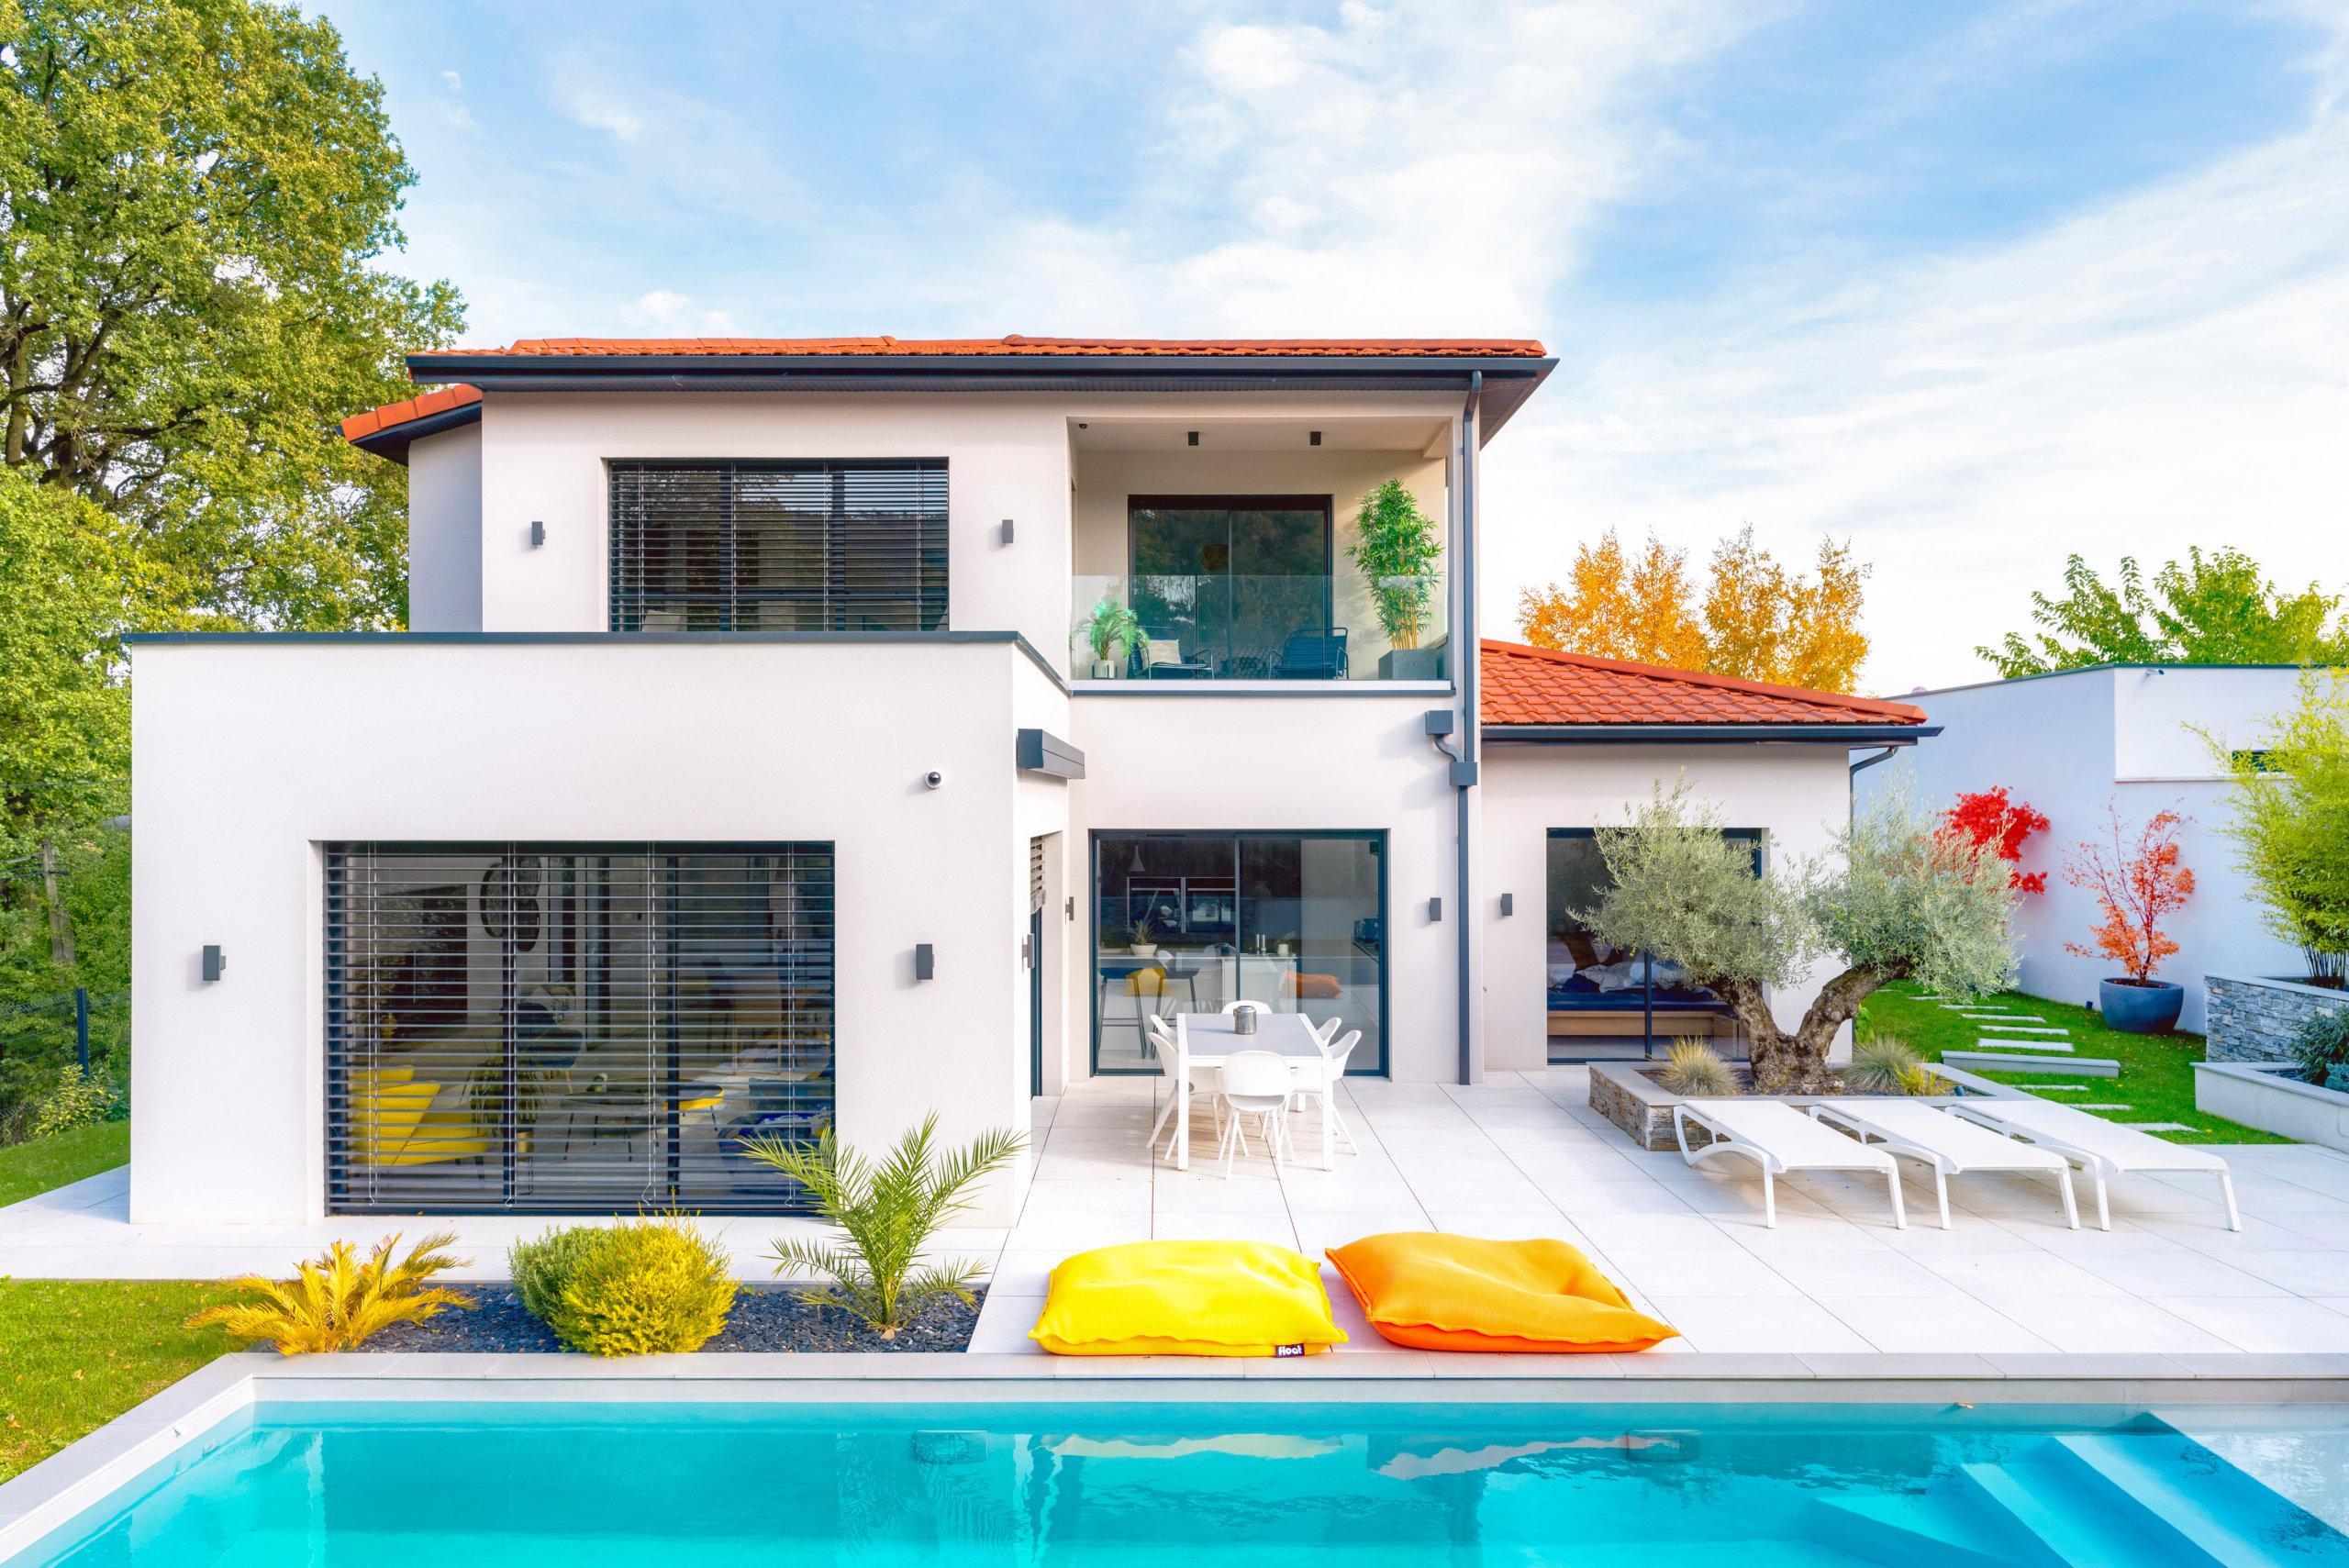 maisons-contemporaines-toit-plat